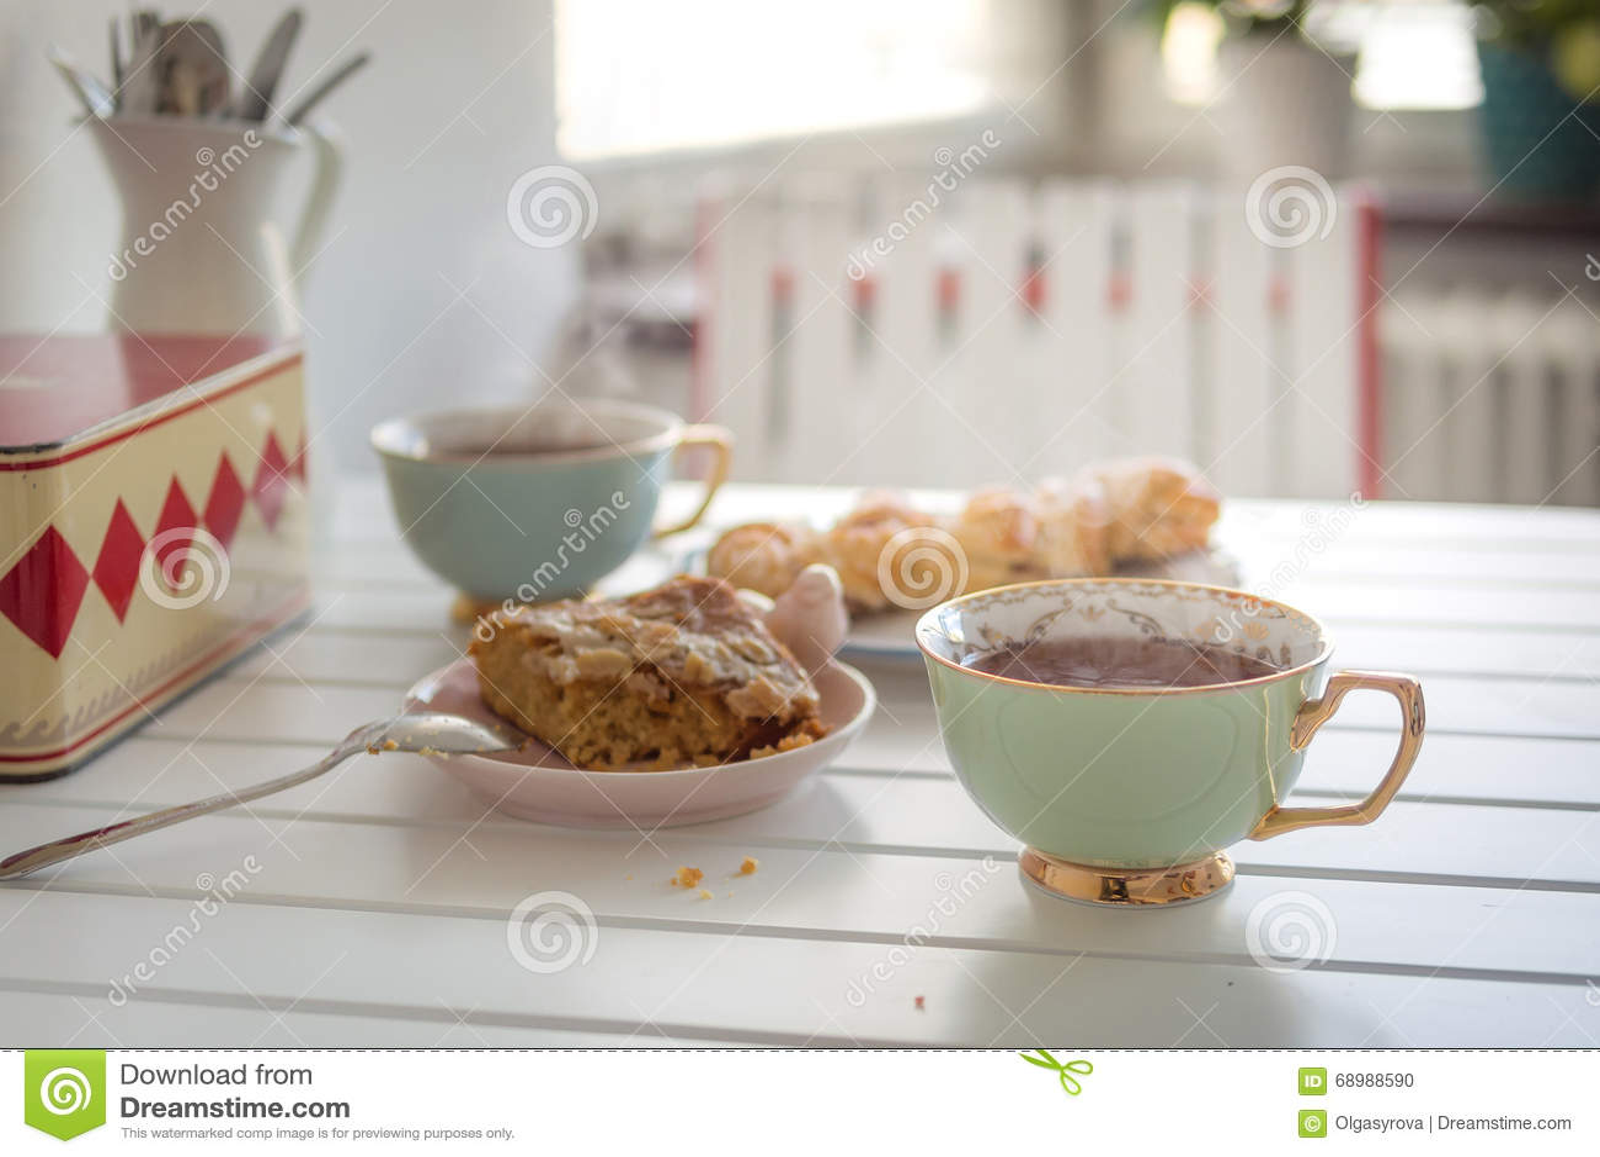 两个杯子与两个蛋糕的热的茶在一张白色桌上